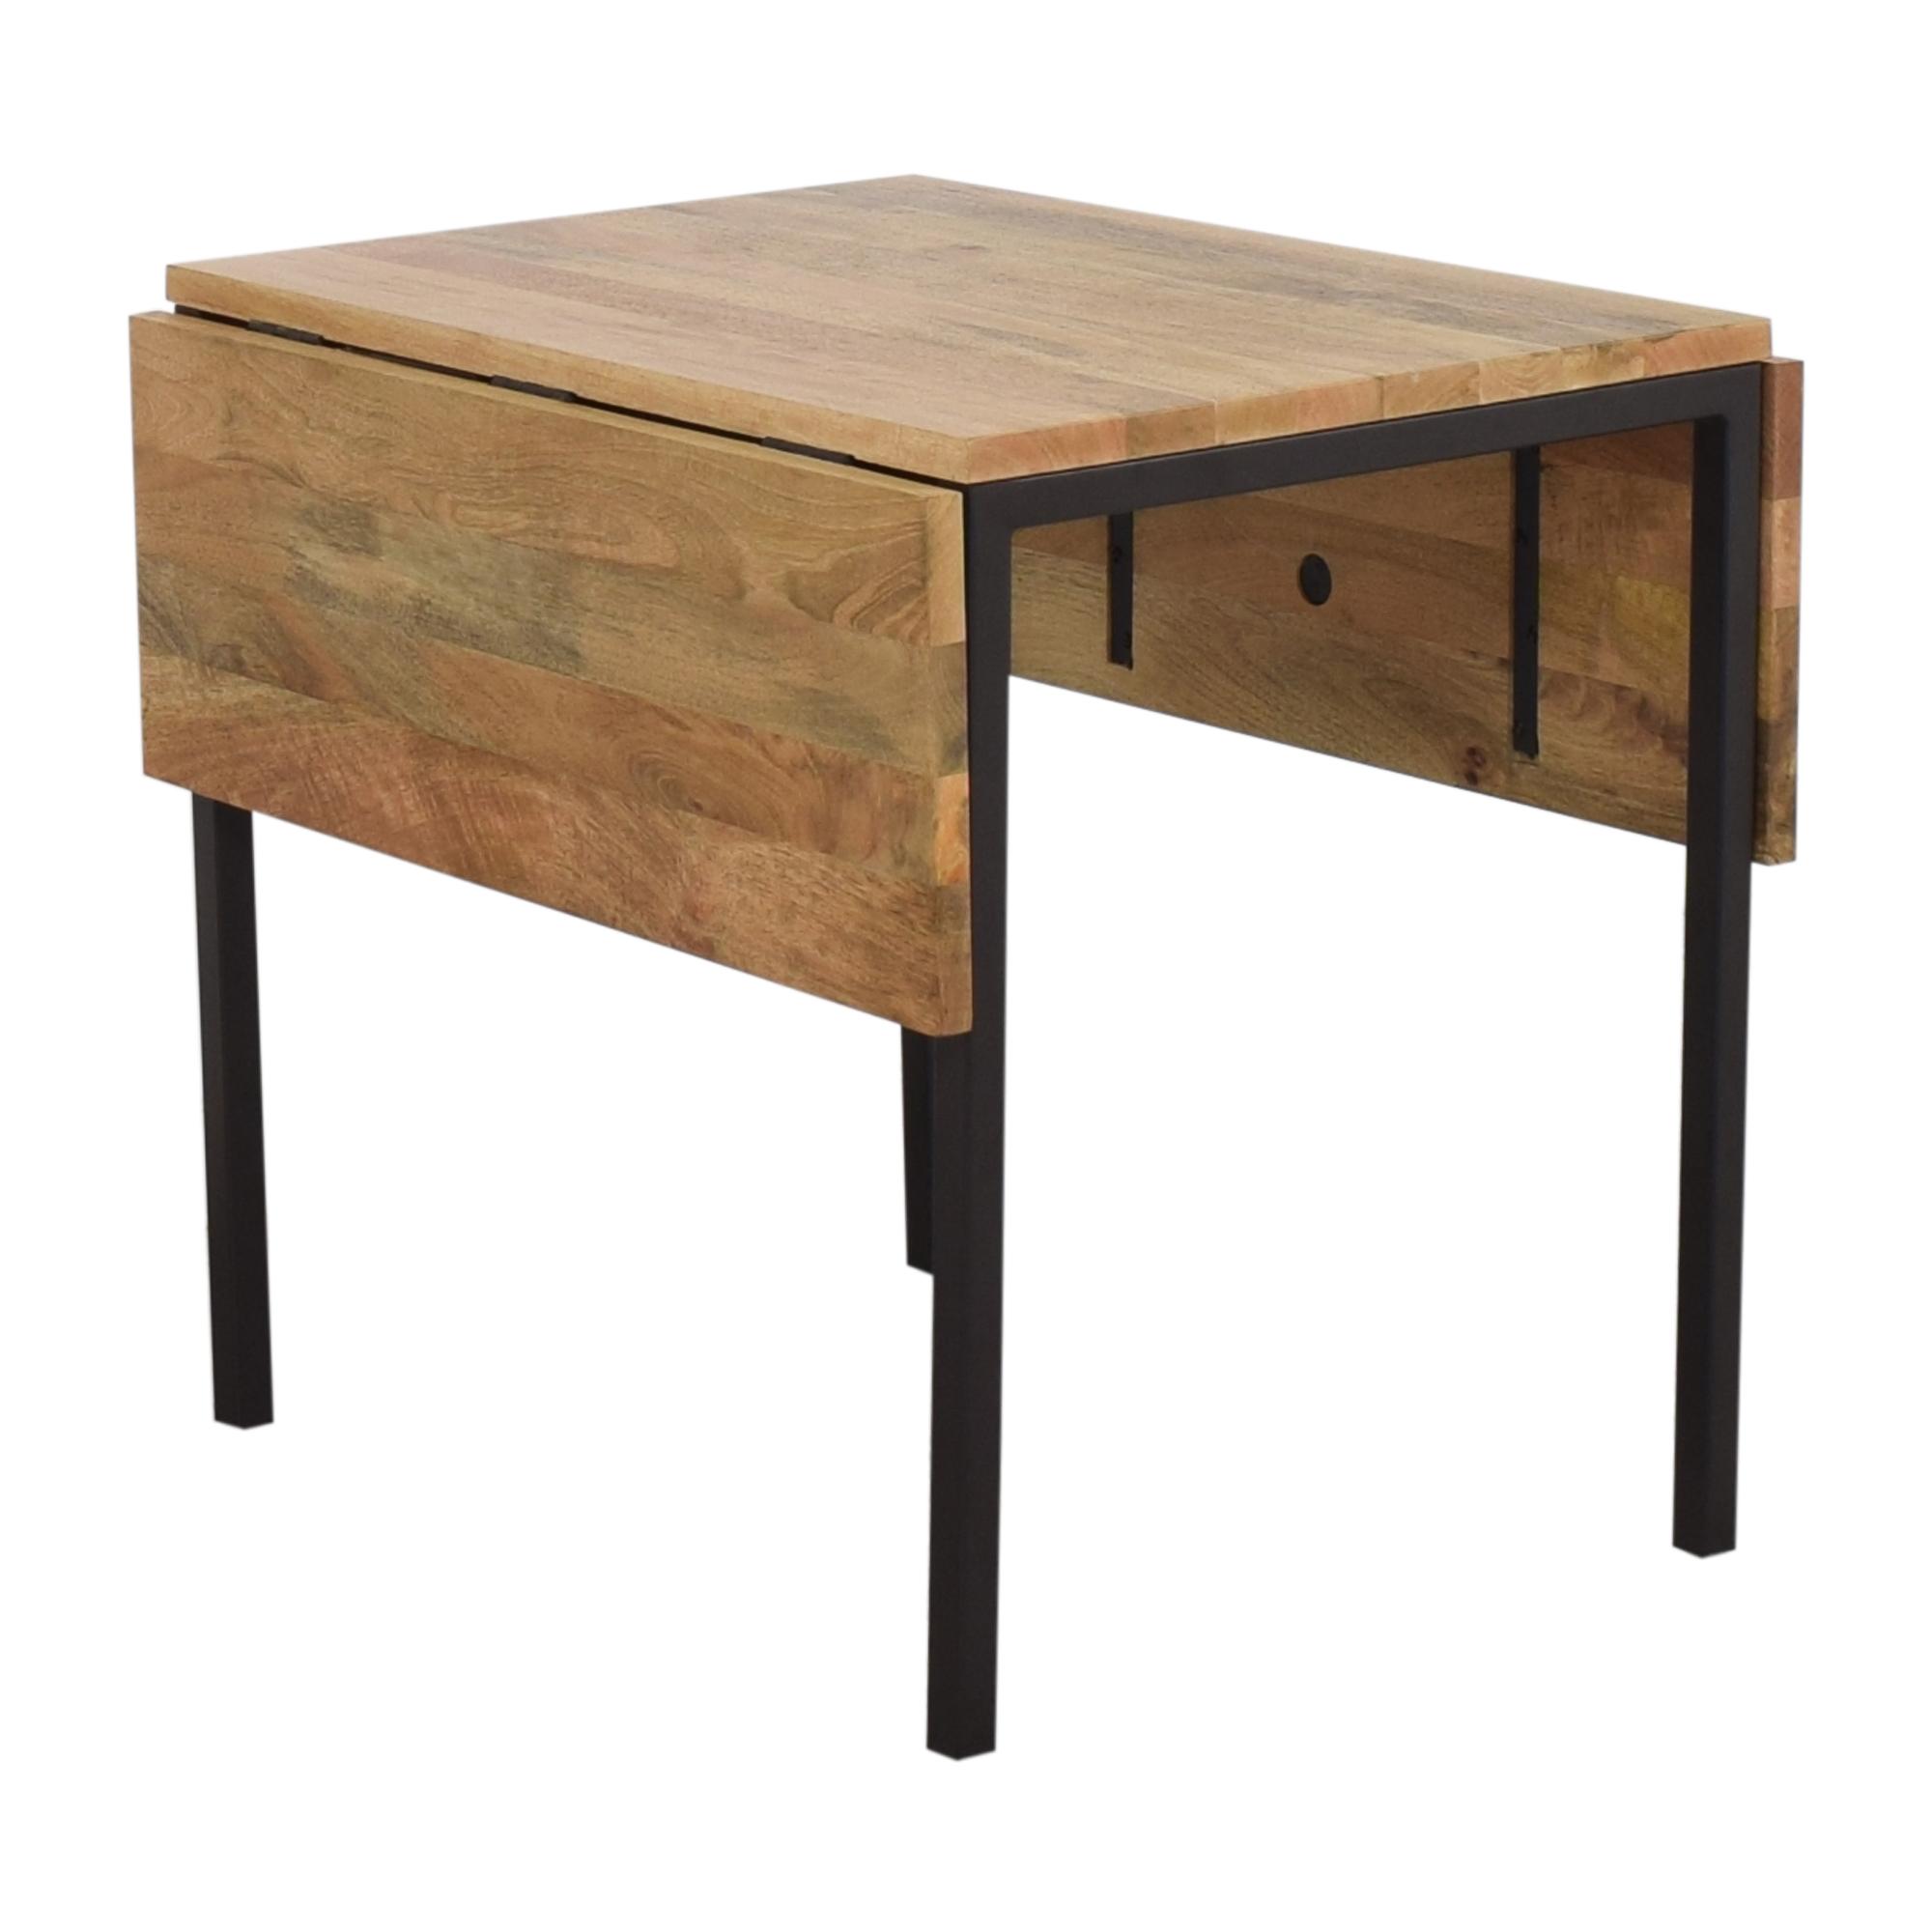 West Elm West Elm Box Frame Drop Leaf Table for sale